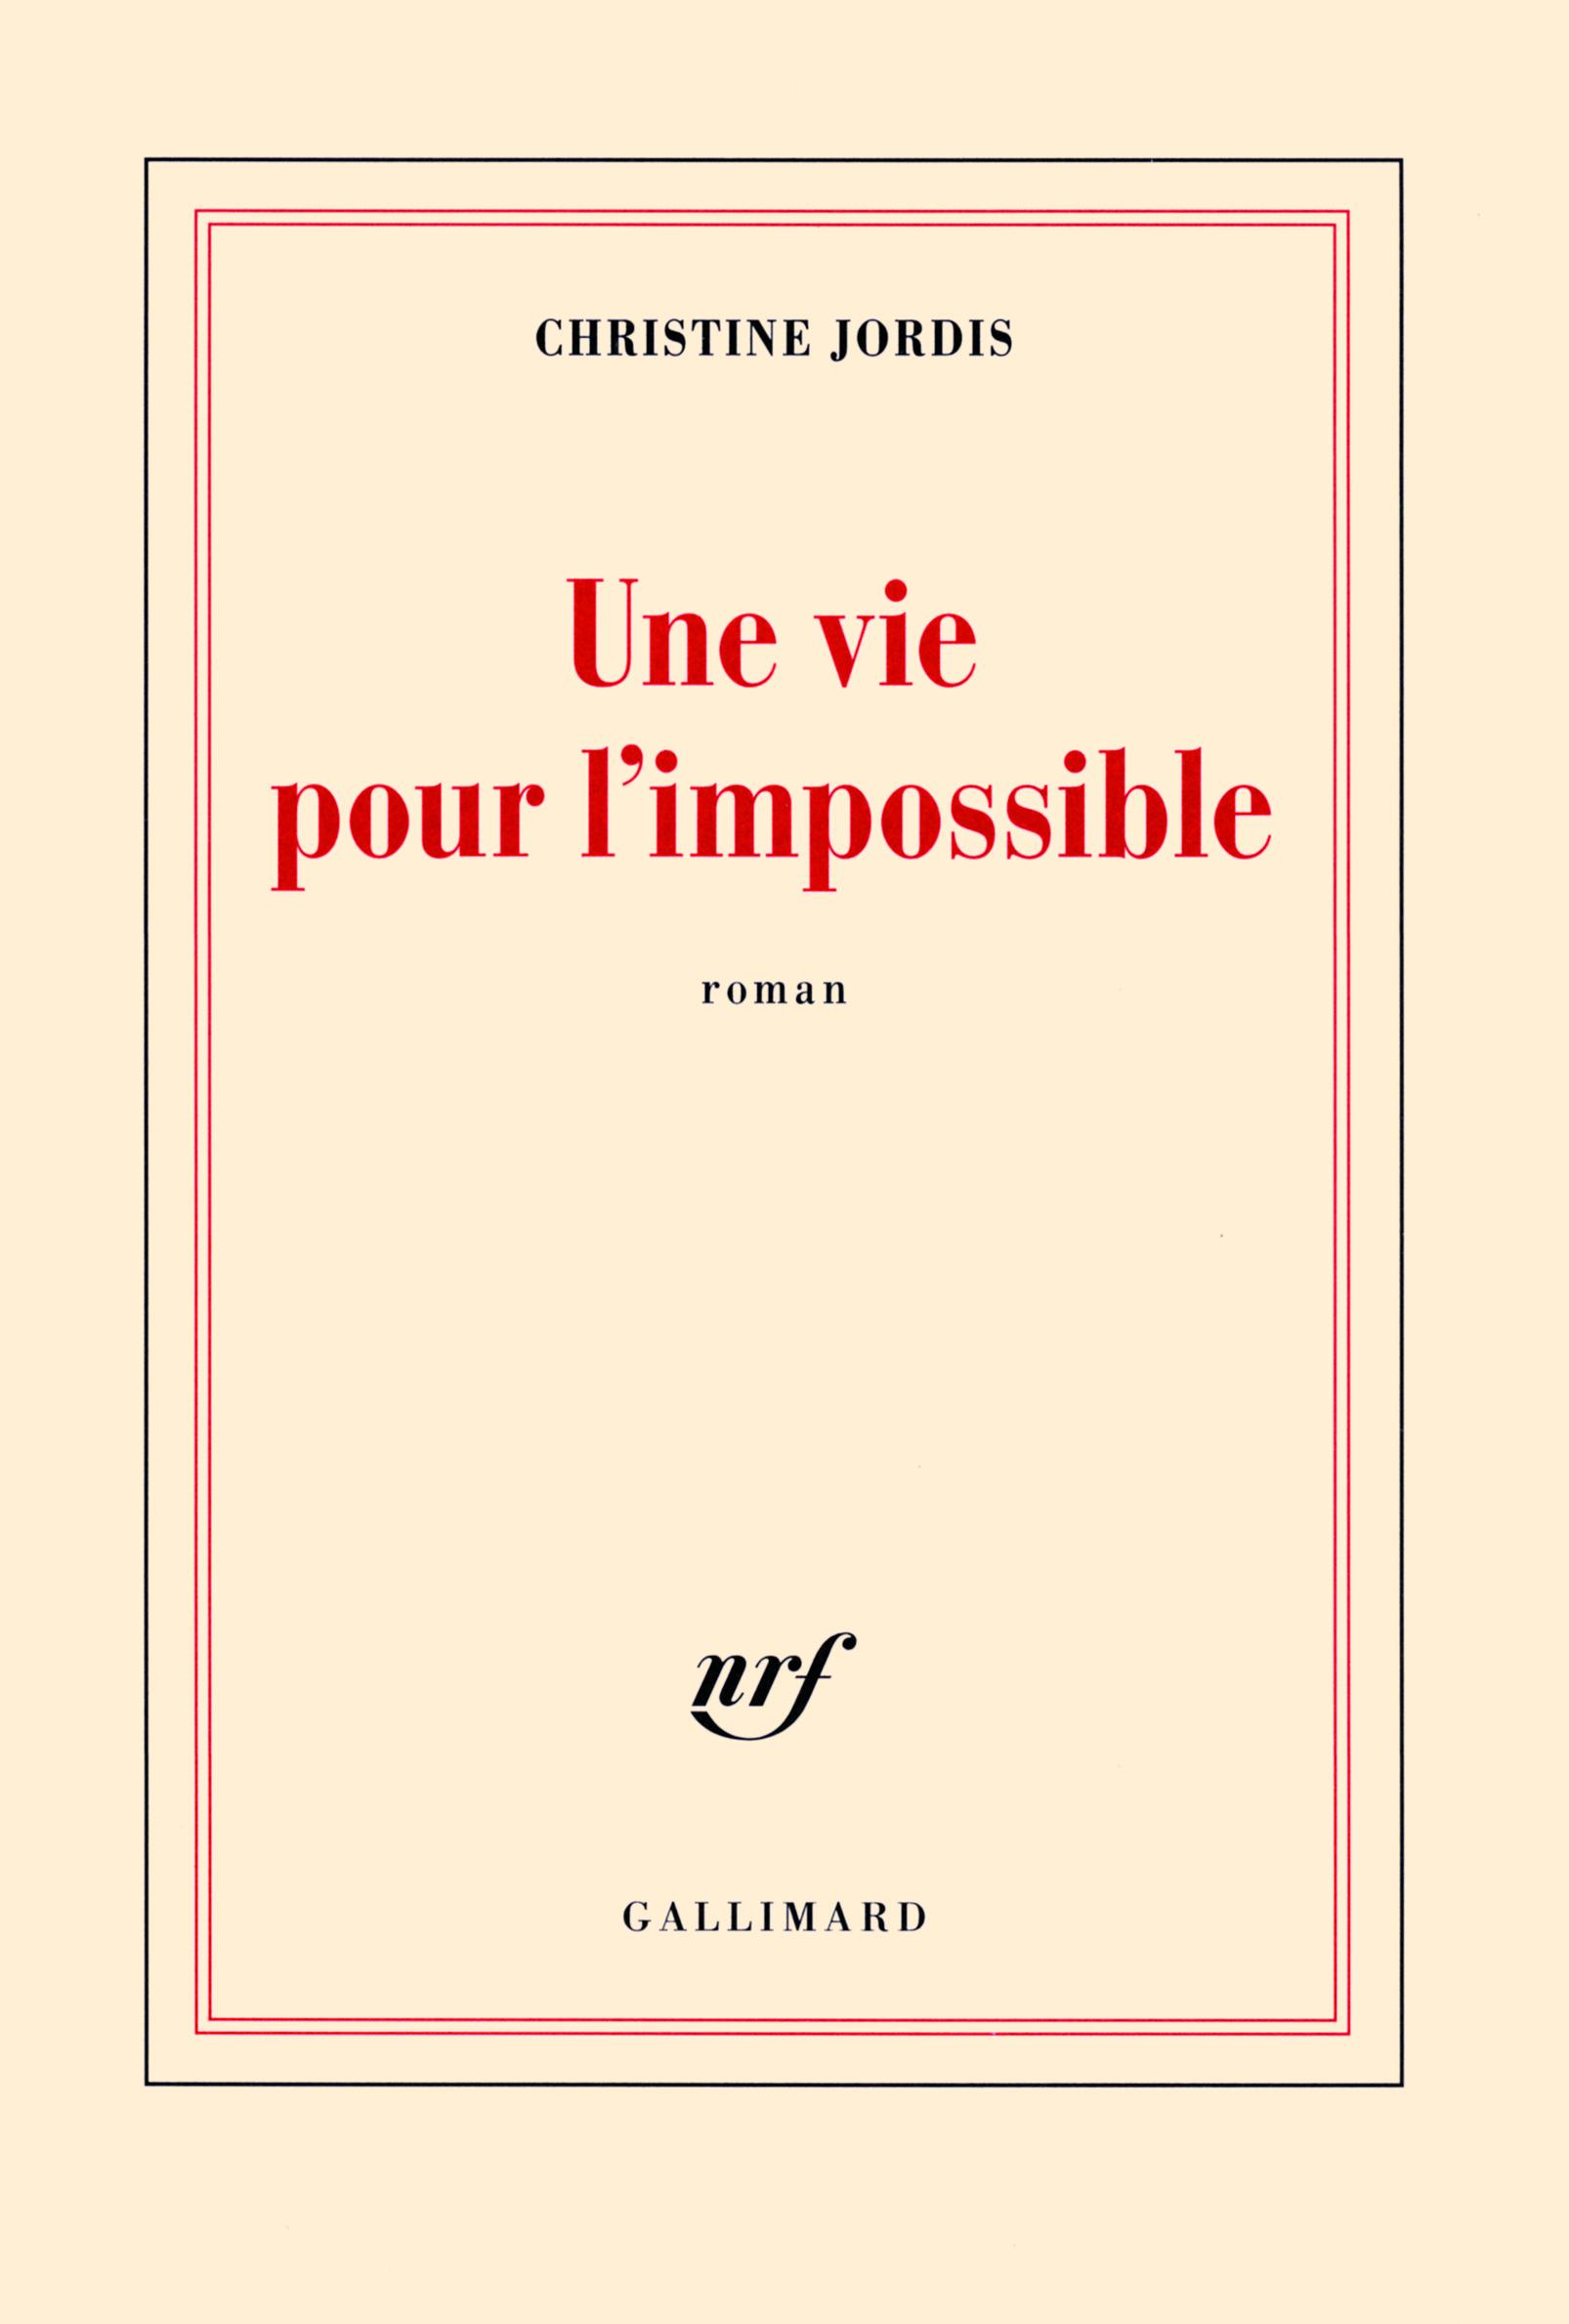 UNE VIE POUR L'IMPOSSIBLE ROMAN